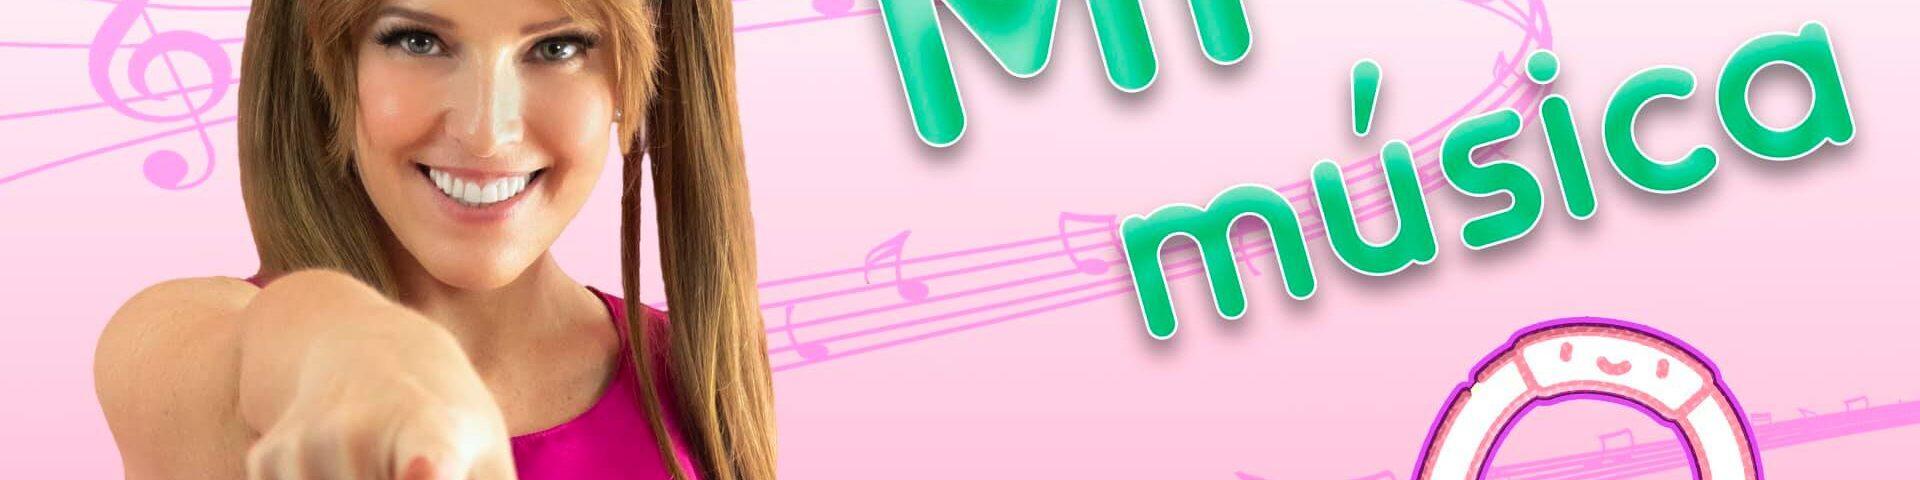 Promotora de Espectaculos CDMX - Angels Music - El Fantastico Mundo de Romy